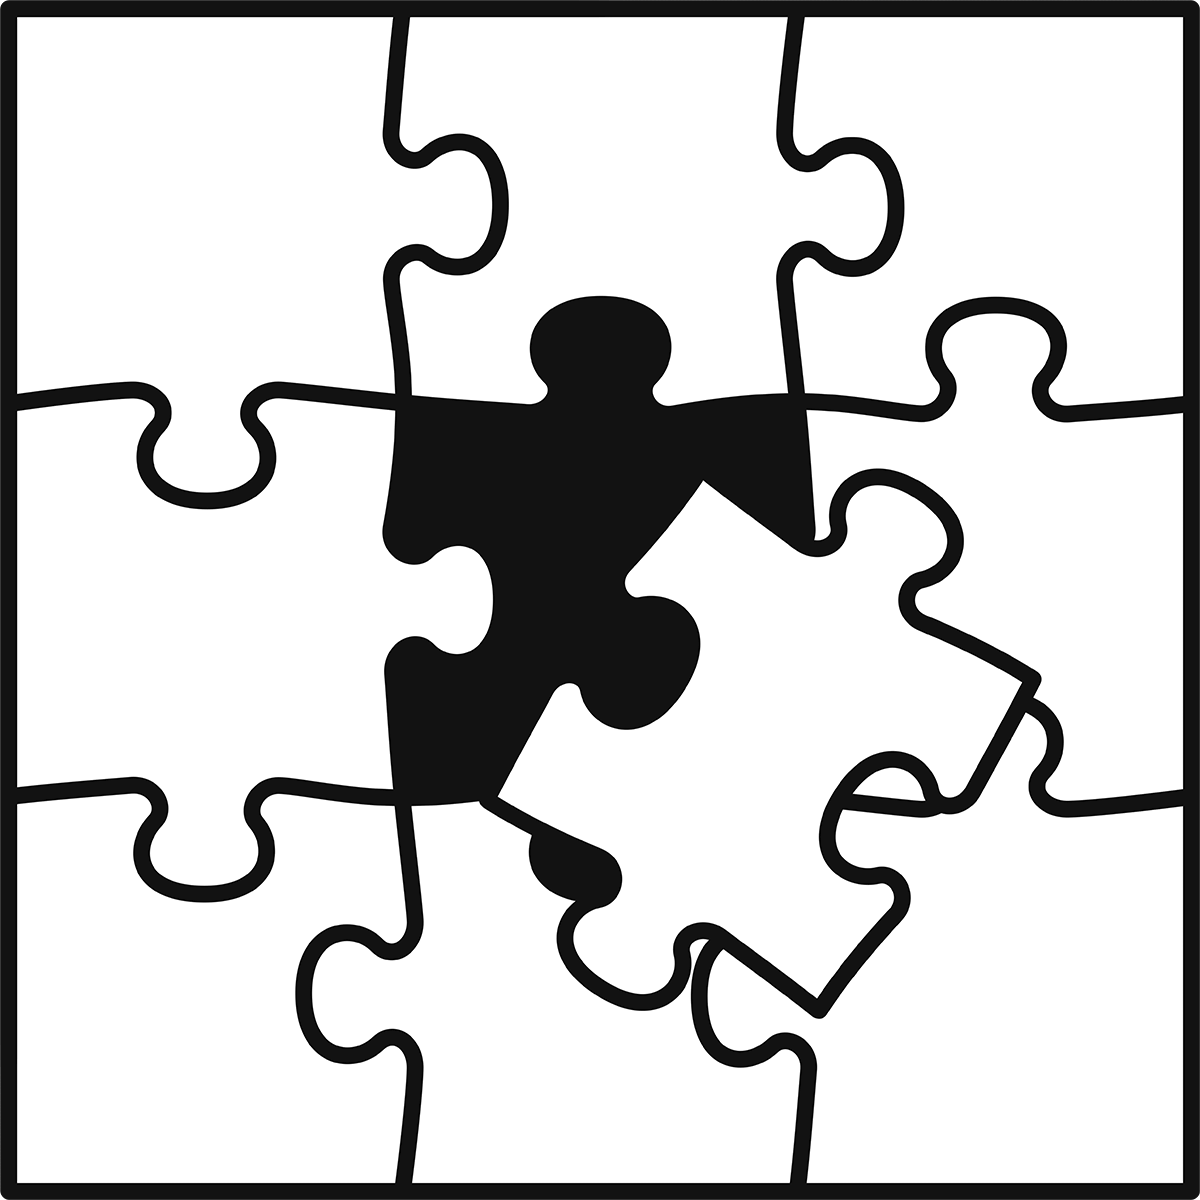 ジグソーパズルの無料イラスト